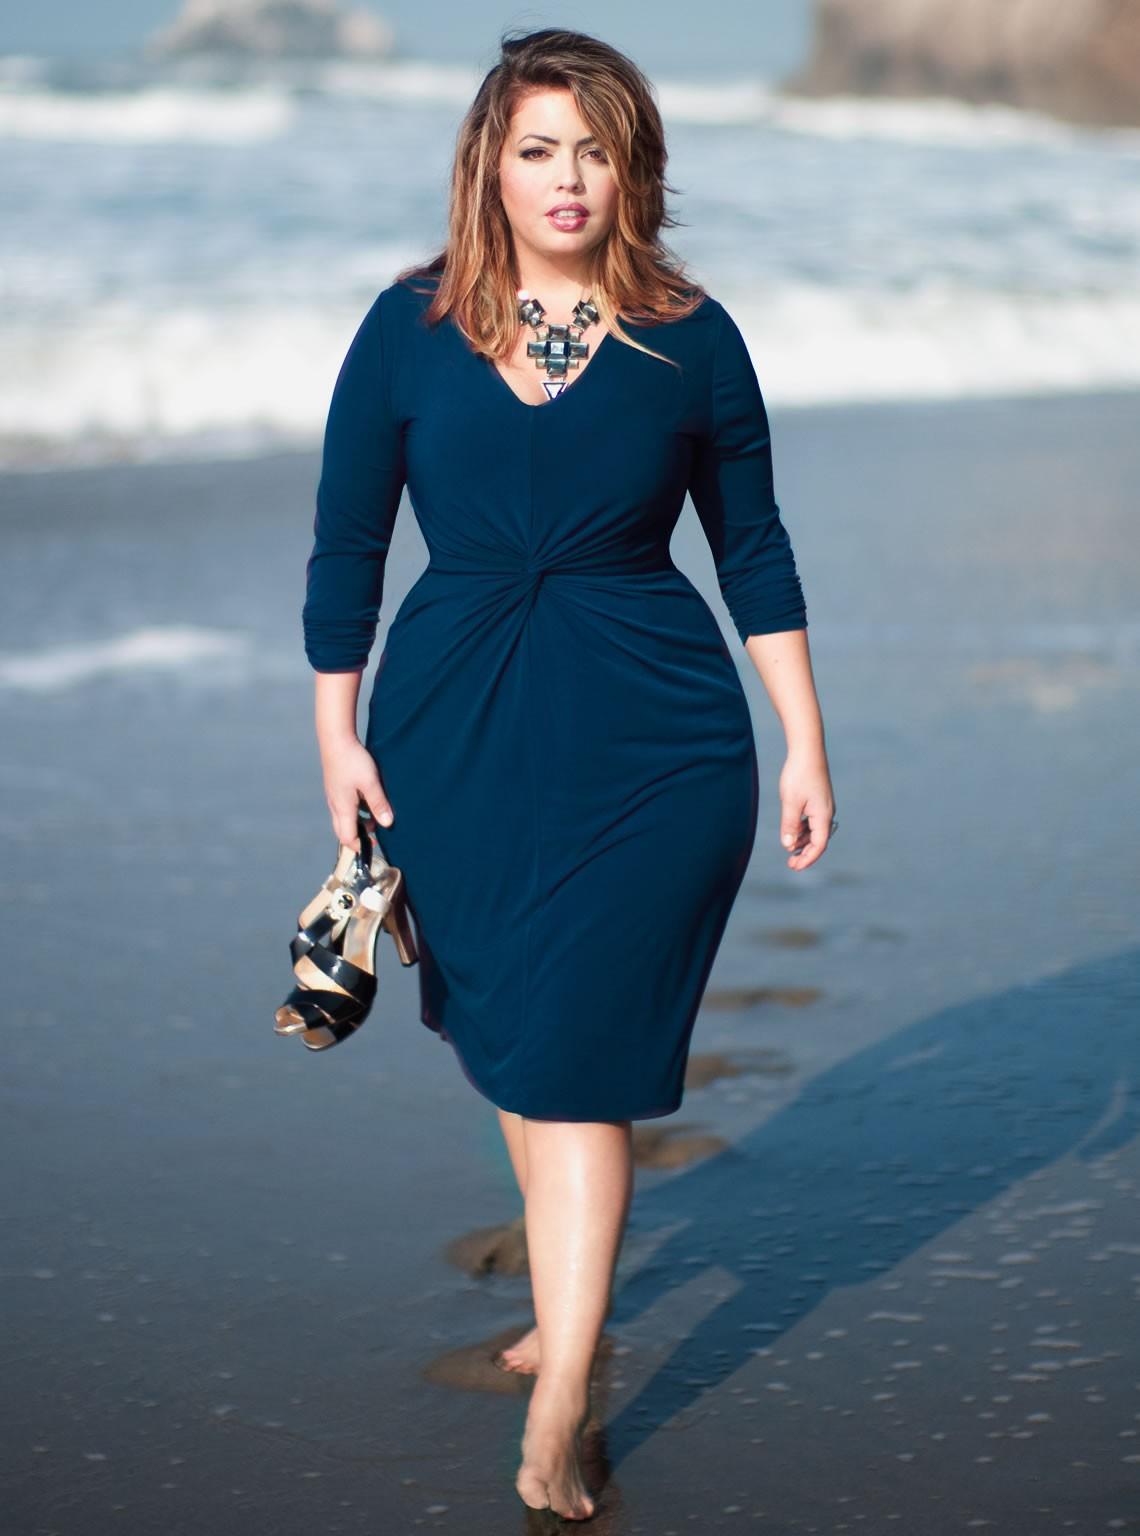 Фото ганих жіночих ніжок в облягаючи сукнях 15 фотография